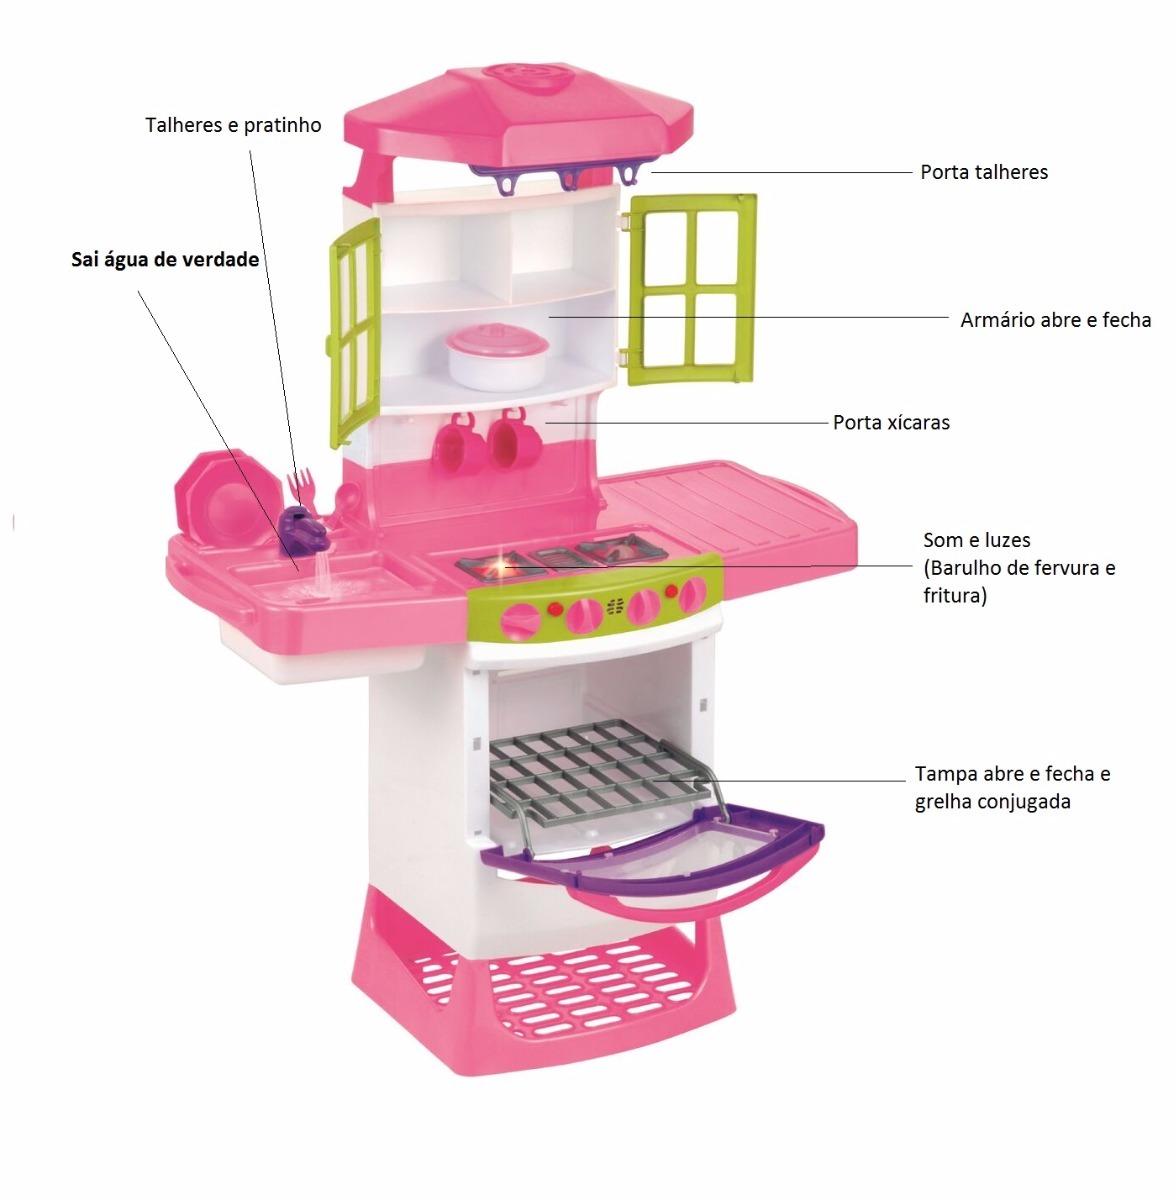 Oferta Cozinha Infantil Completa Sai Gua Geladeira Rosa R